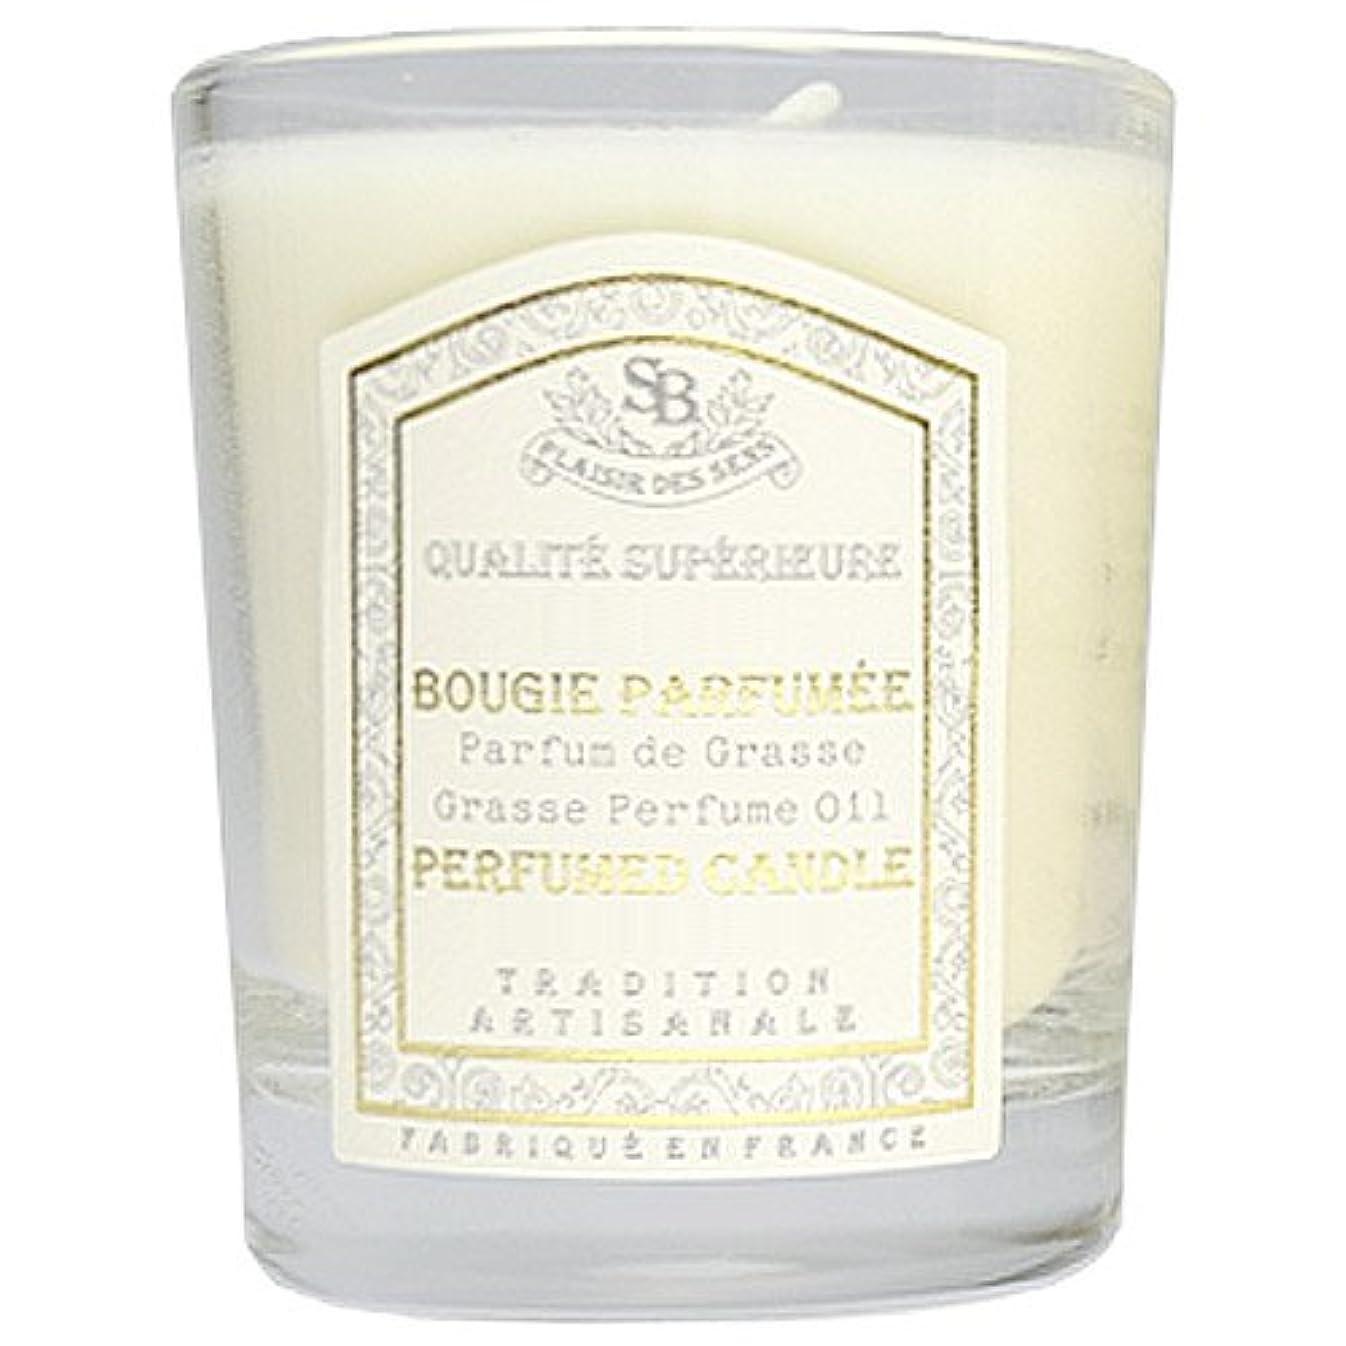 嫌がらせレシピスツールSenteur et Beaute(サンタールエボーテ) フレンチクラシックシリーズ グラスキャンドル 90g 「コットンリネン」 4994228021984